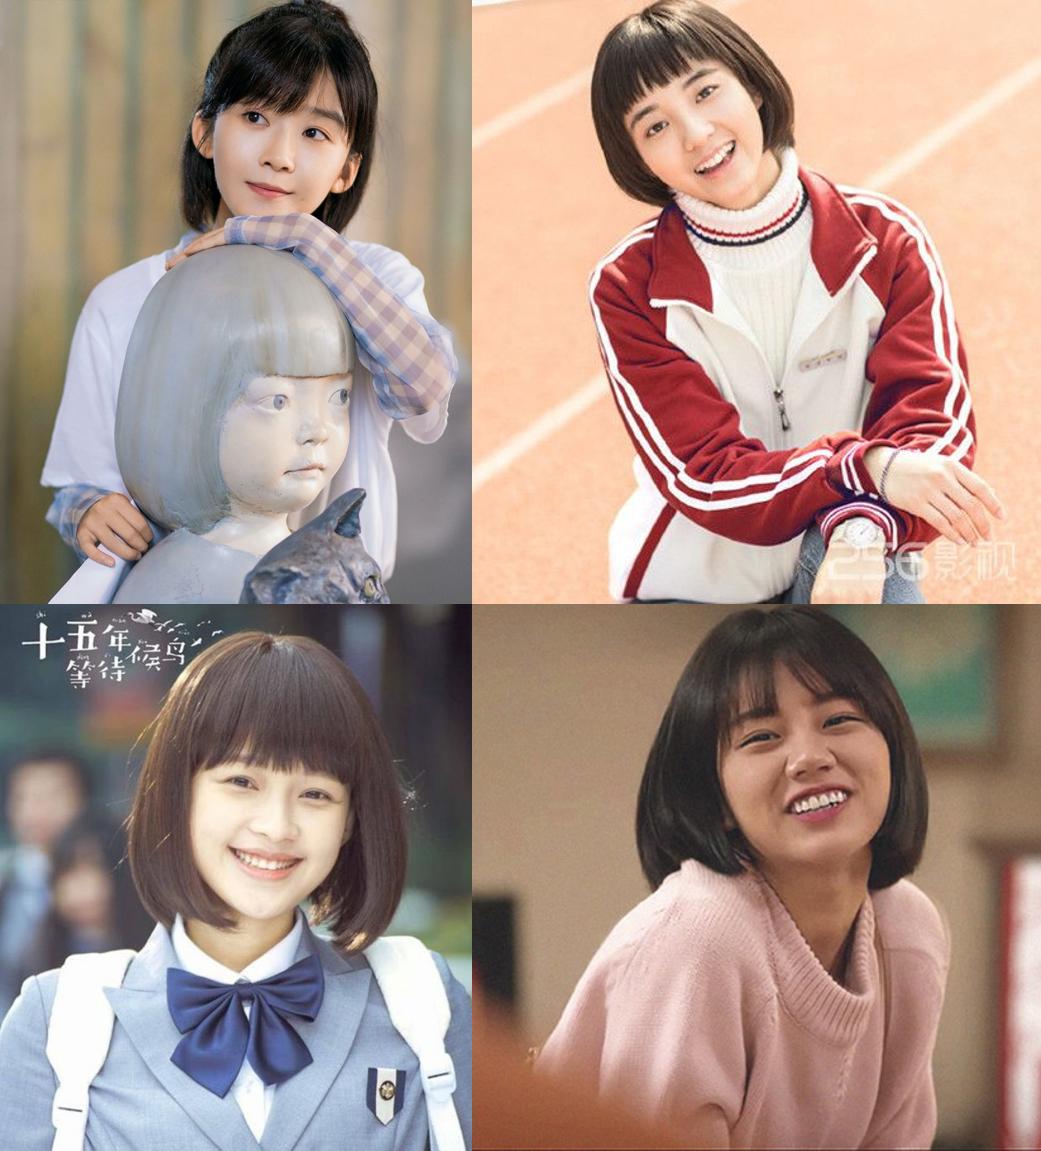 Dàn diễn viên như Tống Y Nhân (phim Tôi ế dựa vào thực lực), Vạn Bằng (Sống không dũng cảm lãng phí thanh xuân), Tôn Di (15 năm chờ đợi chim di trú), Hye Ri (Reply 1988) đều từng để mái tóc ngắn trong các bộ phim thanh xuân.